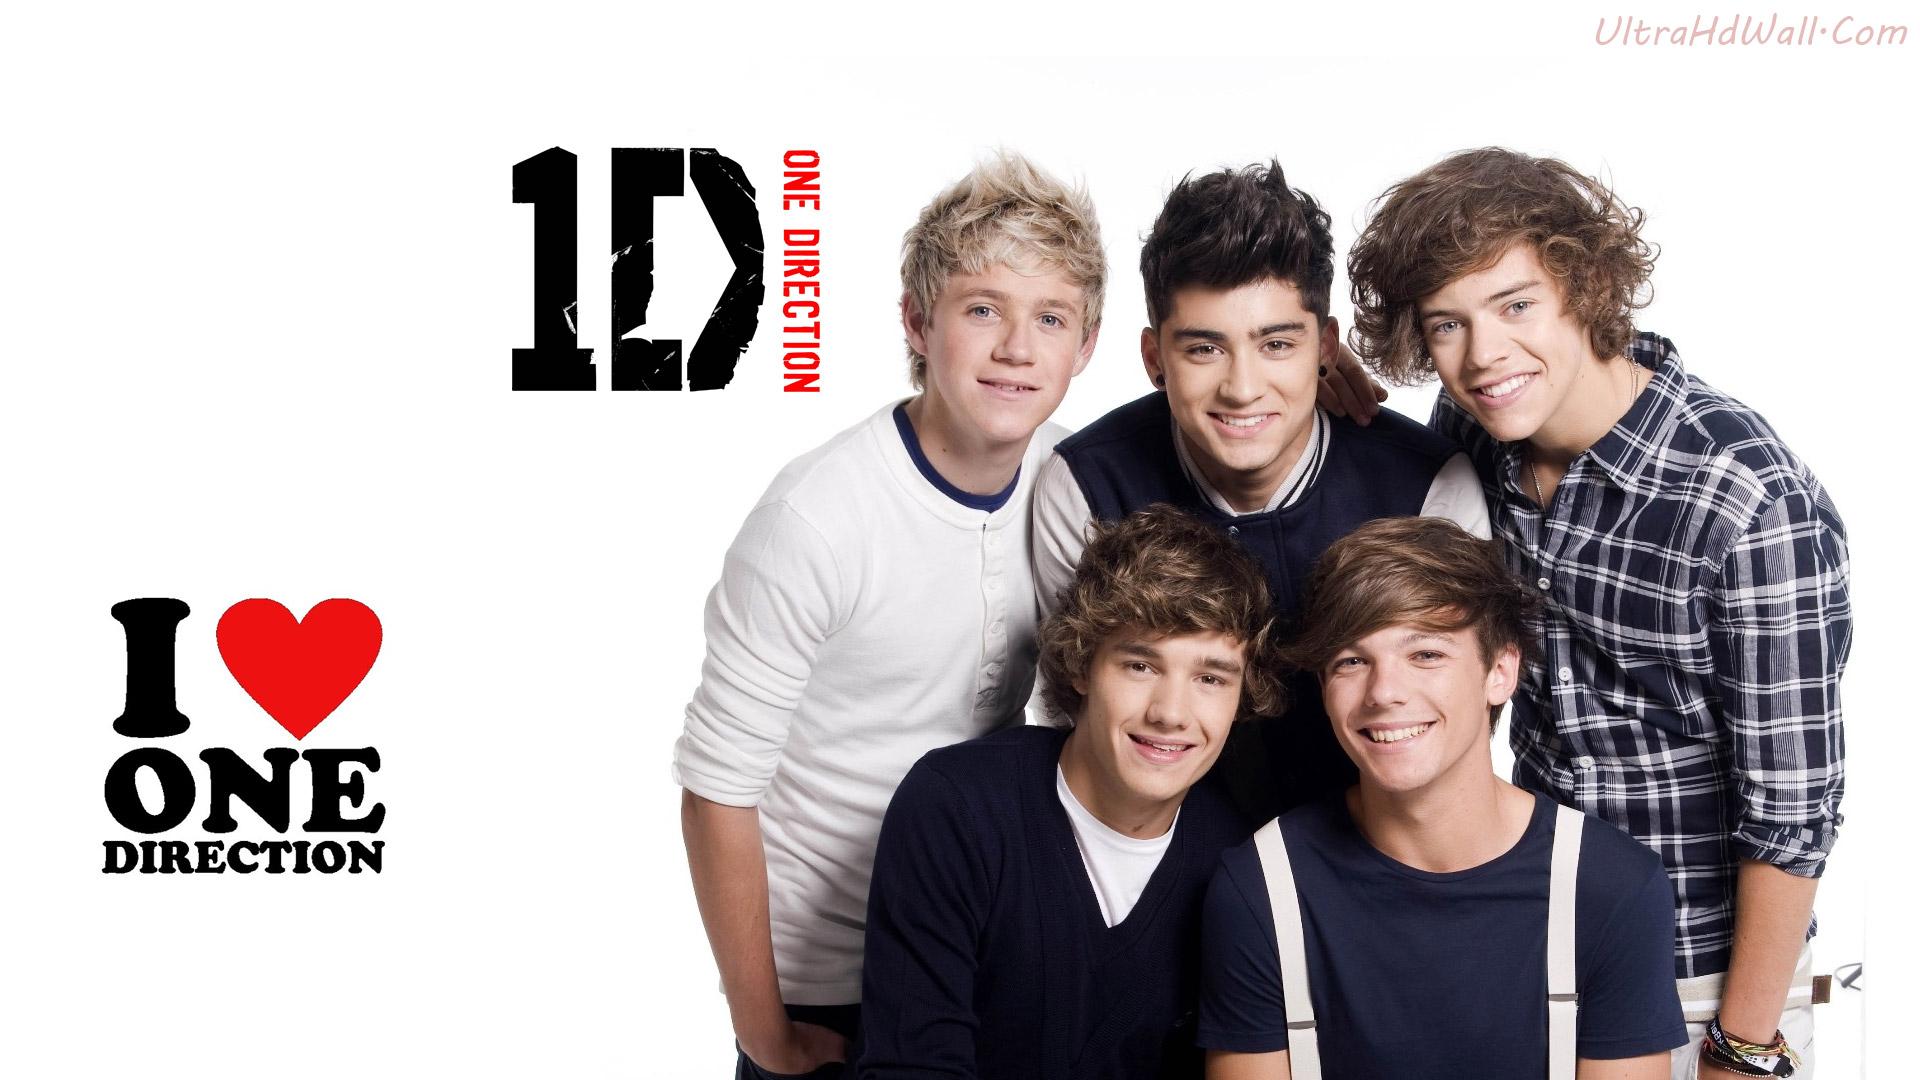 Download Image One Direction Desktop Wallpapers Full - One Direction - HD Wallpaper